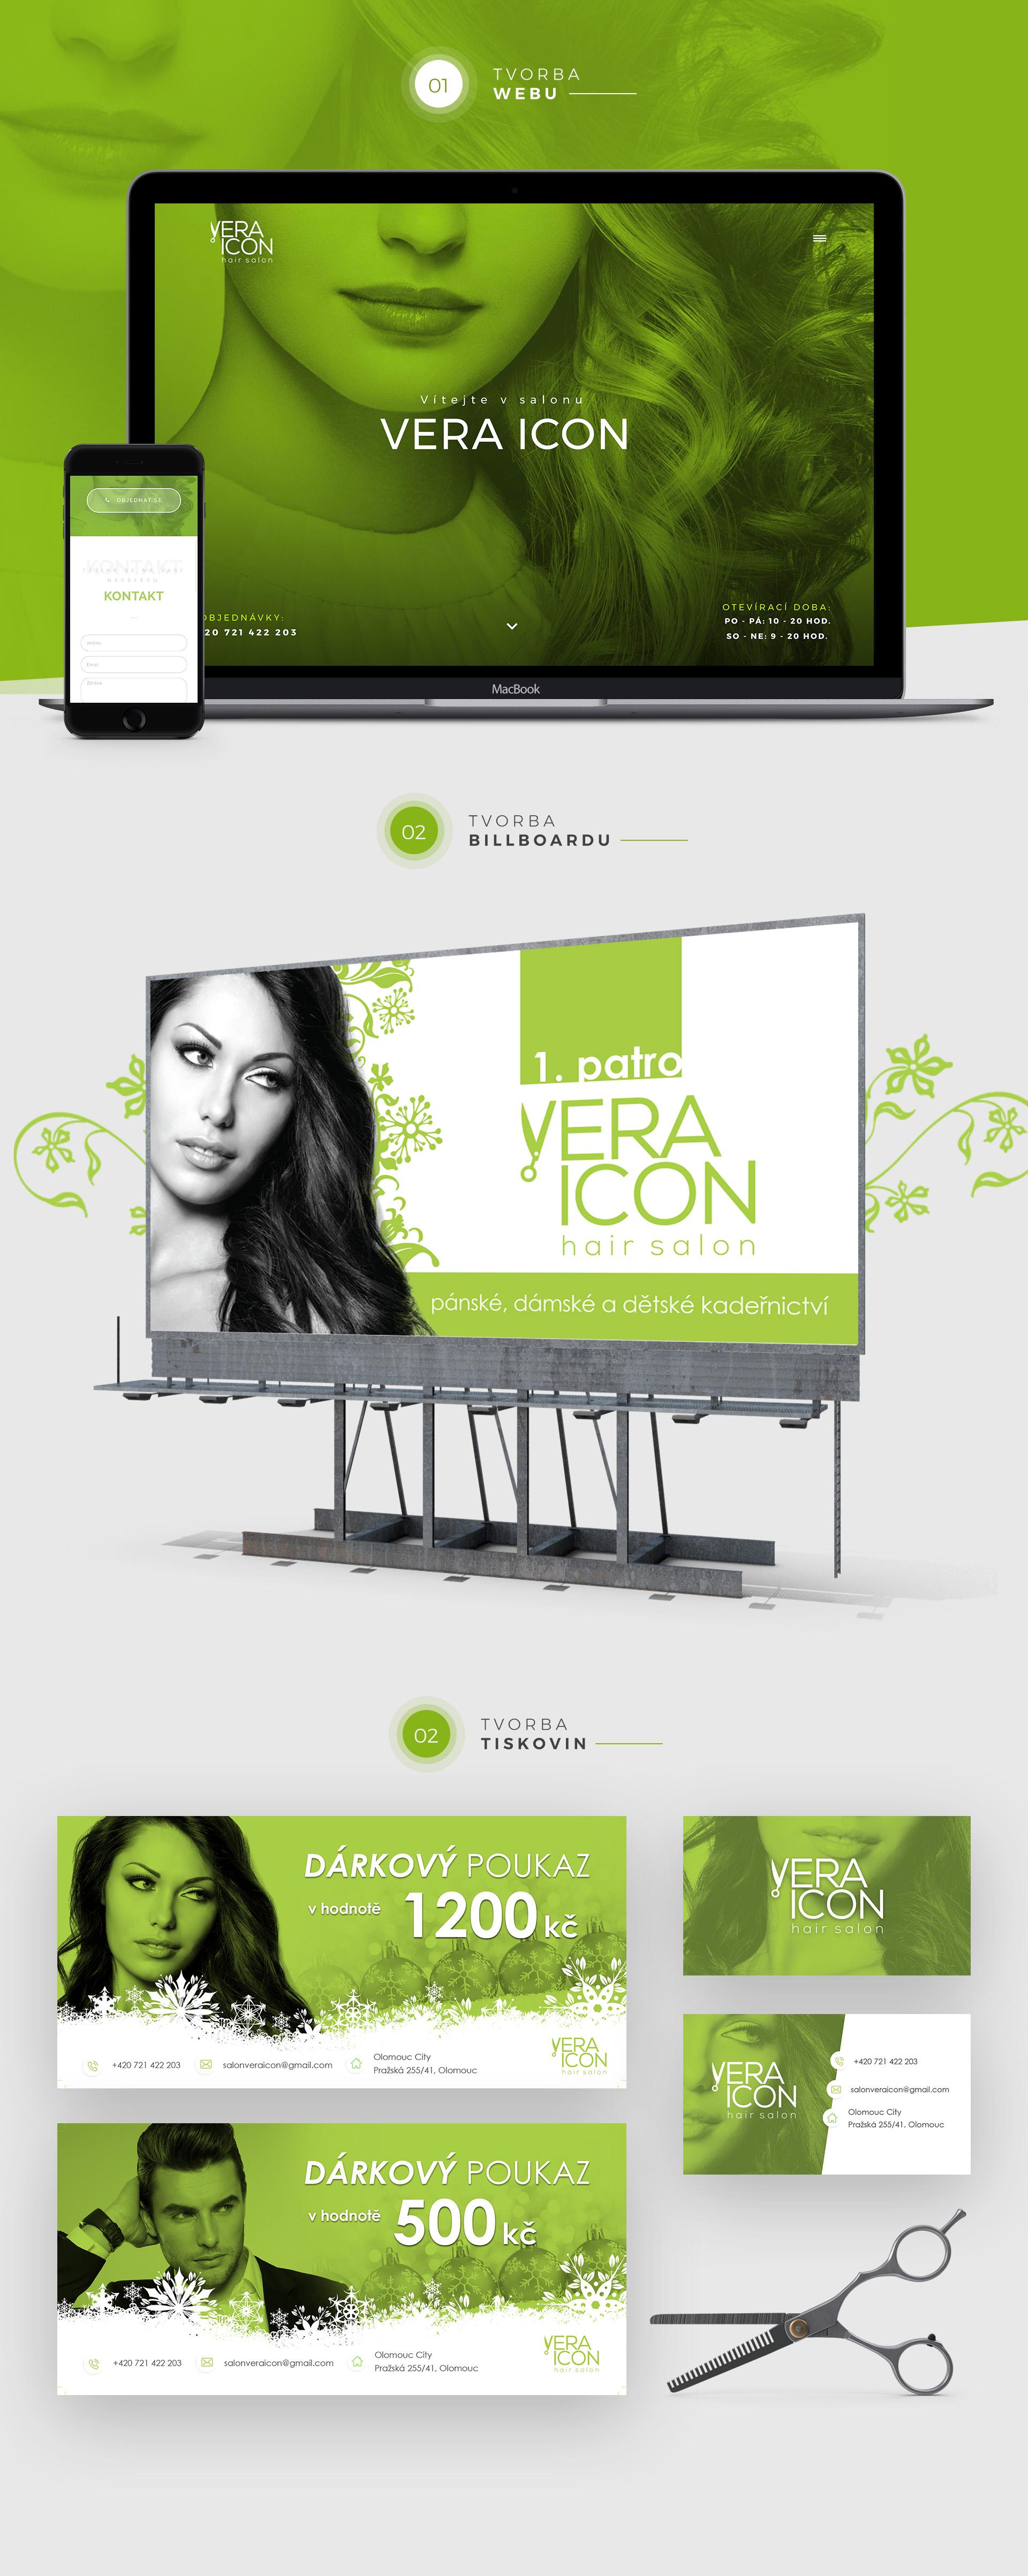 Vera icon branding